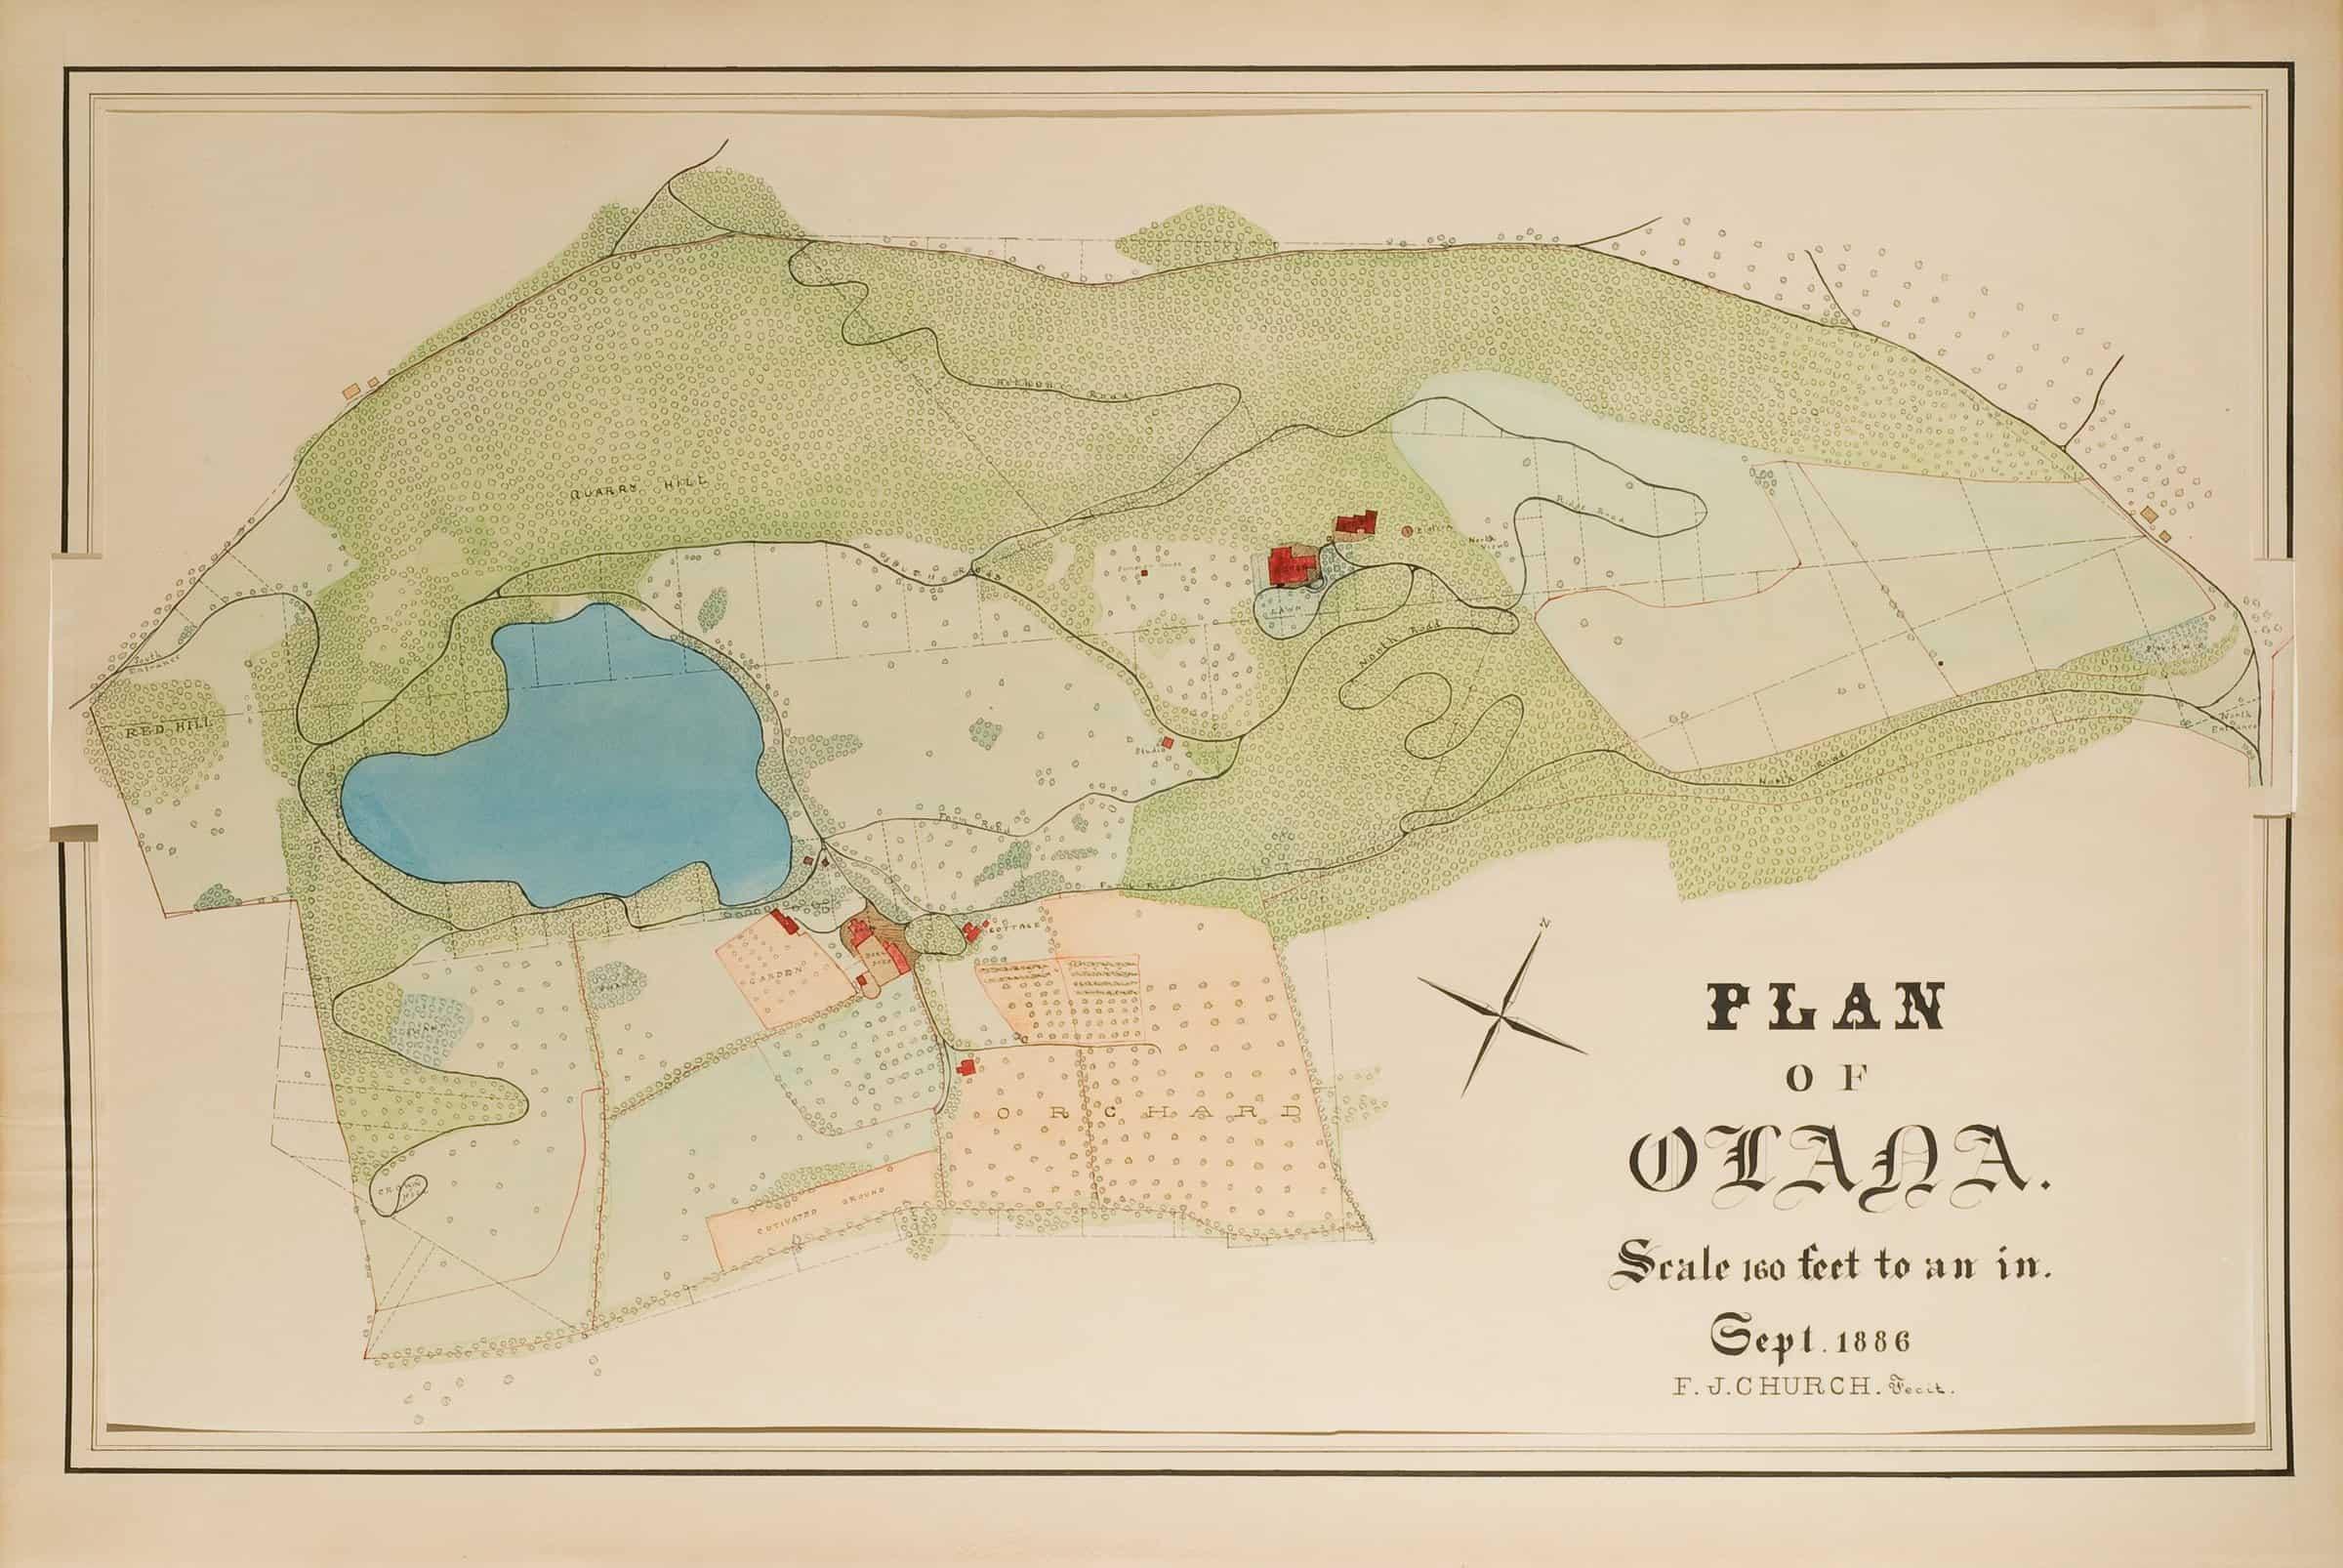 Olana's Historic Landscape Video Tour